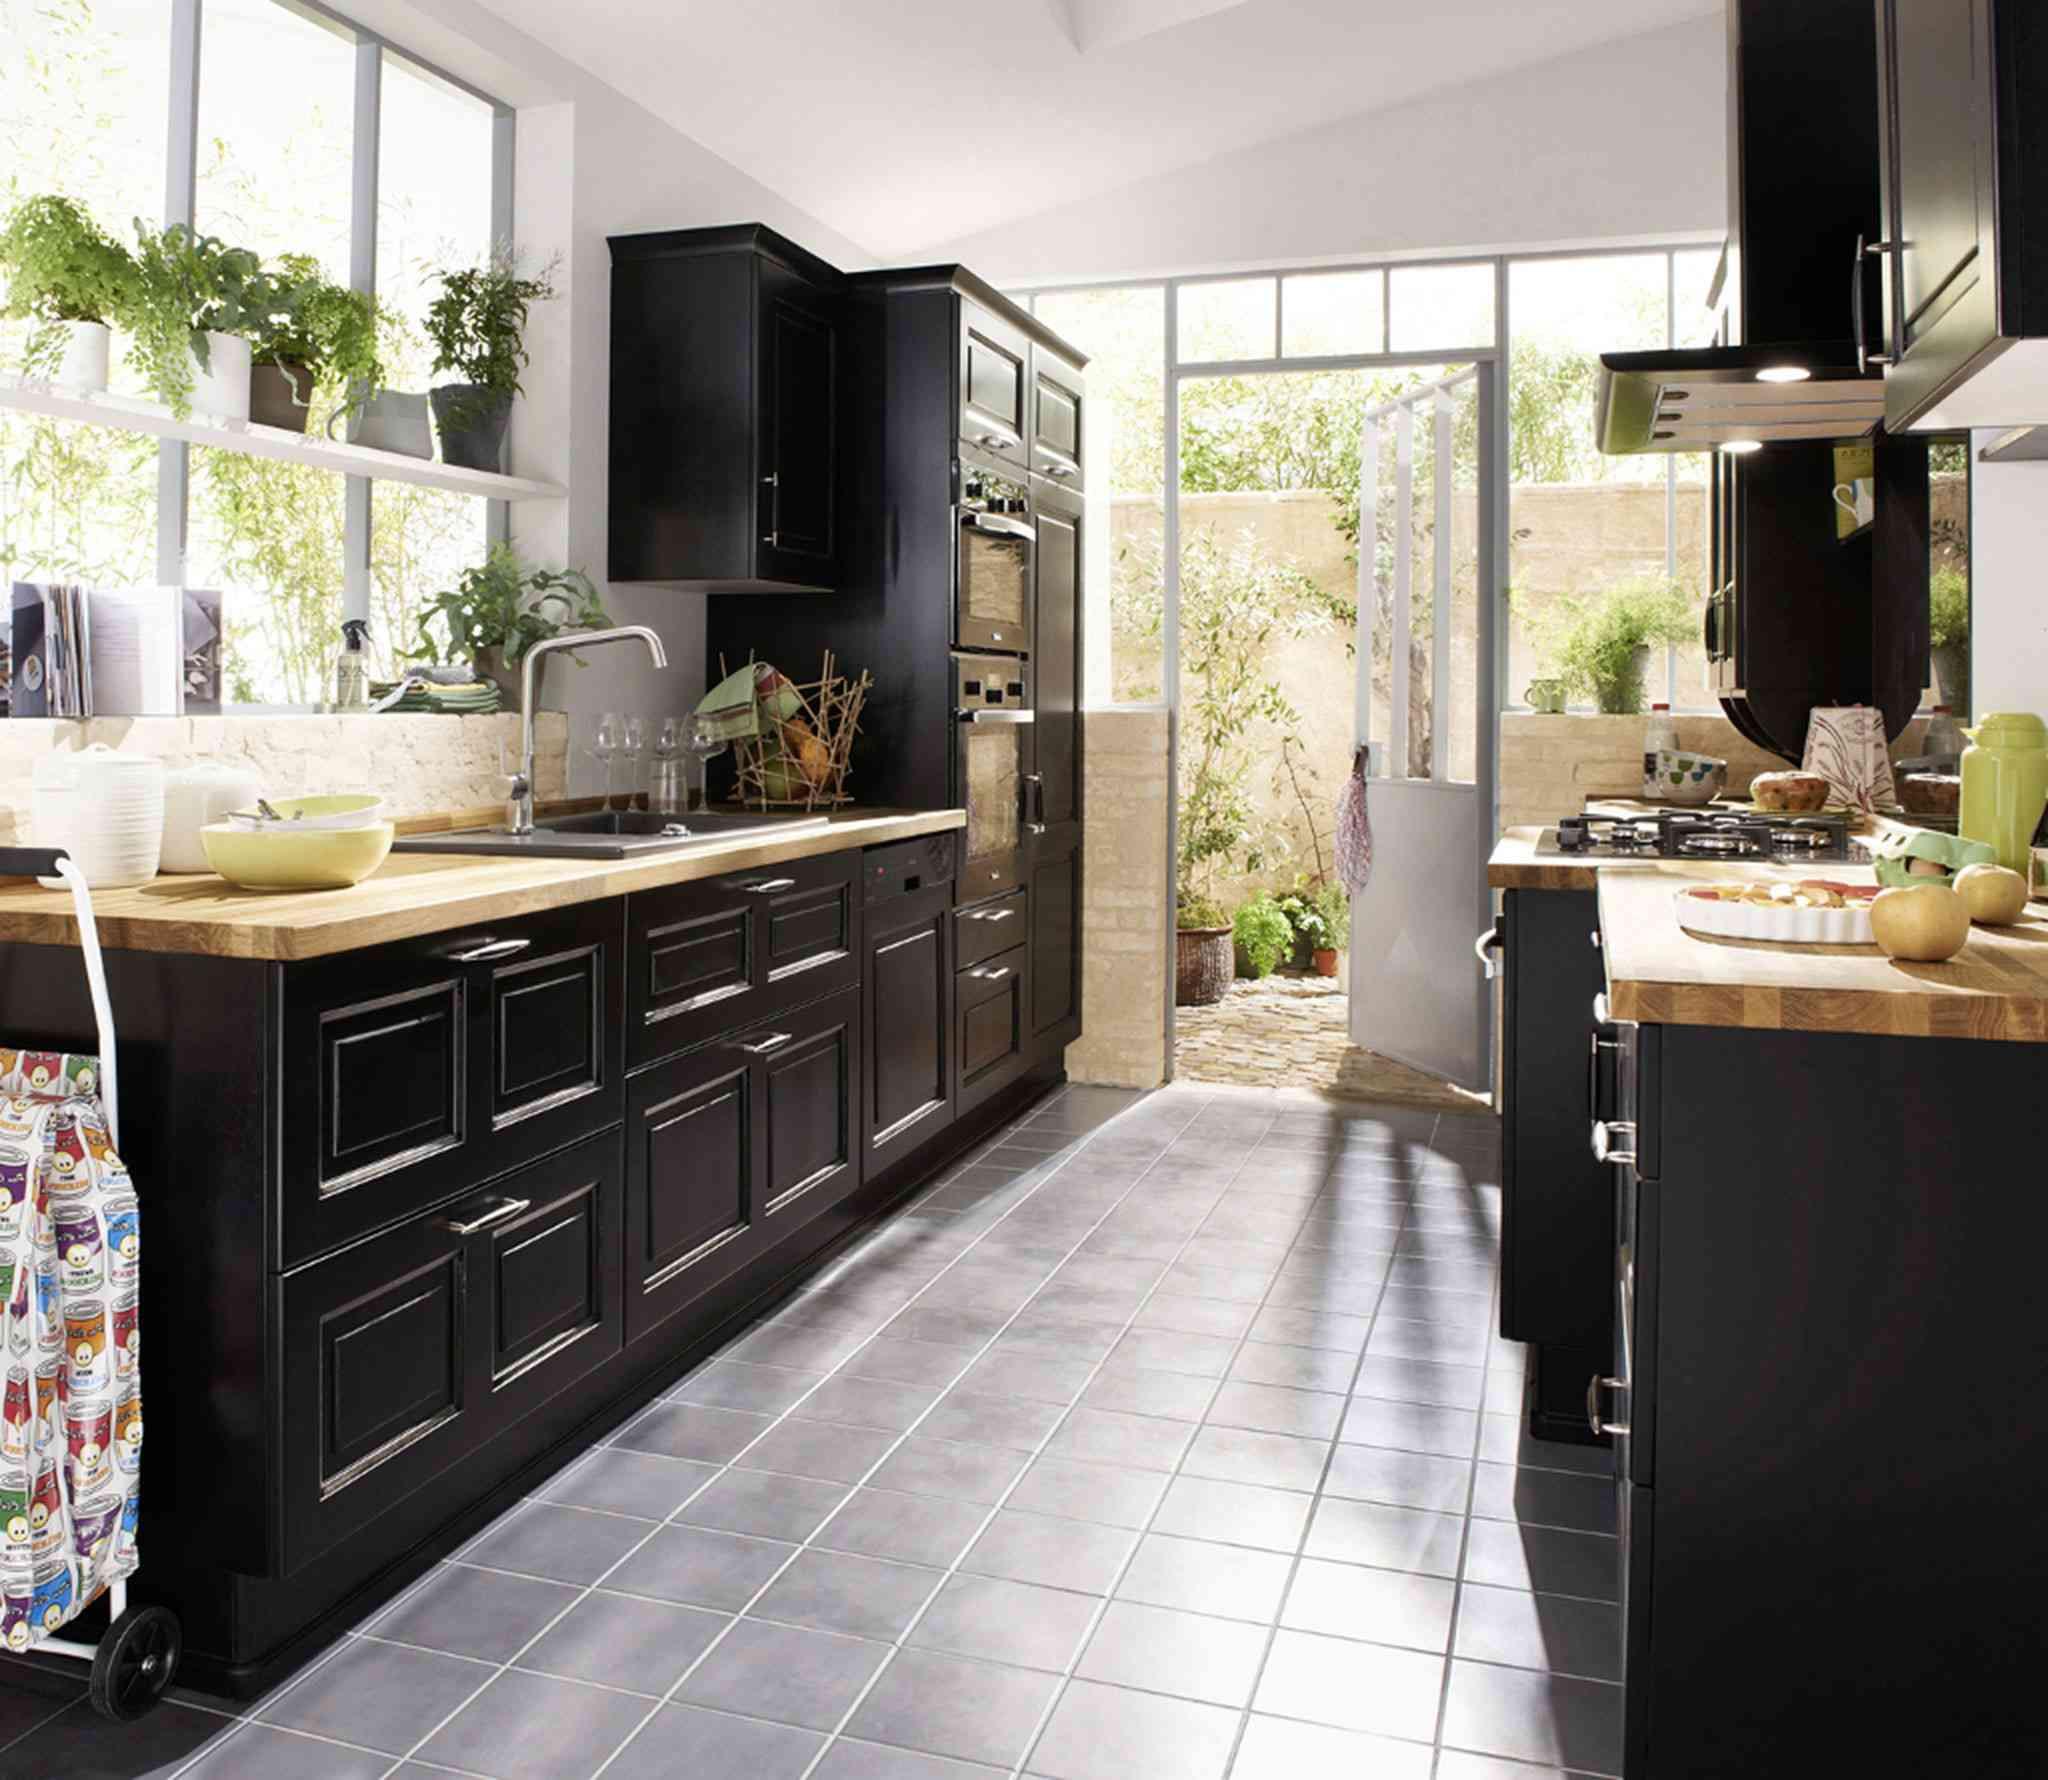 Devis Carrelage Leroy Merlin Impressionnant Photos Devis Cuisine Leroy Merlin Le Luxe élégant Devis Carrelage